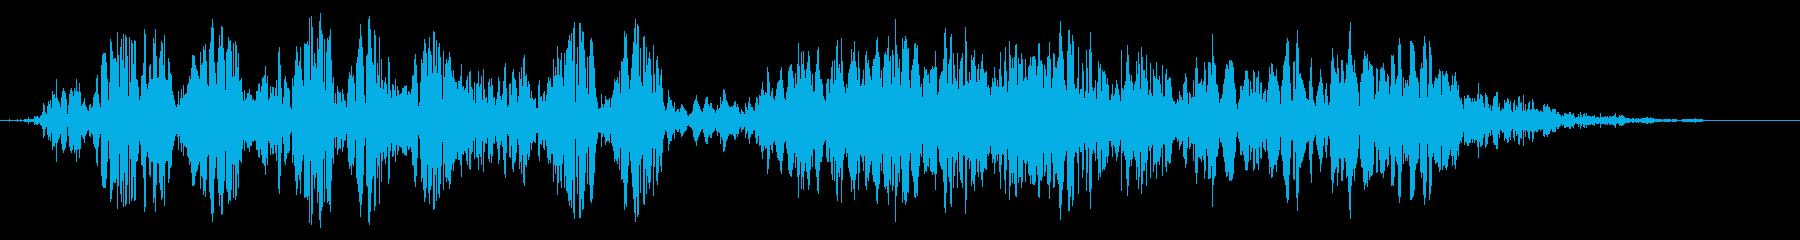 スライムなどが蠢く音タイプC#7の再生済みの波形